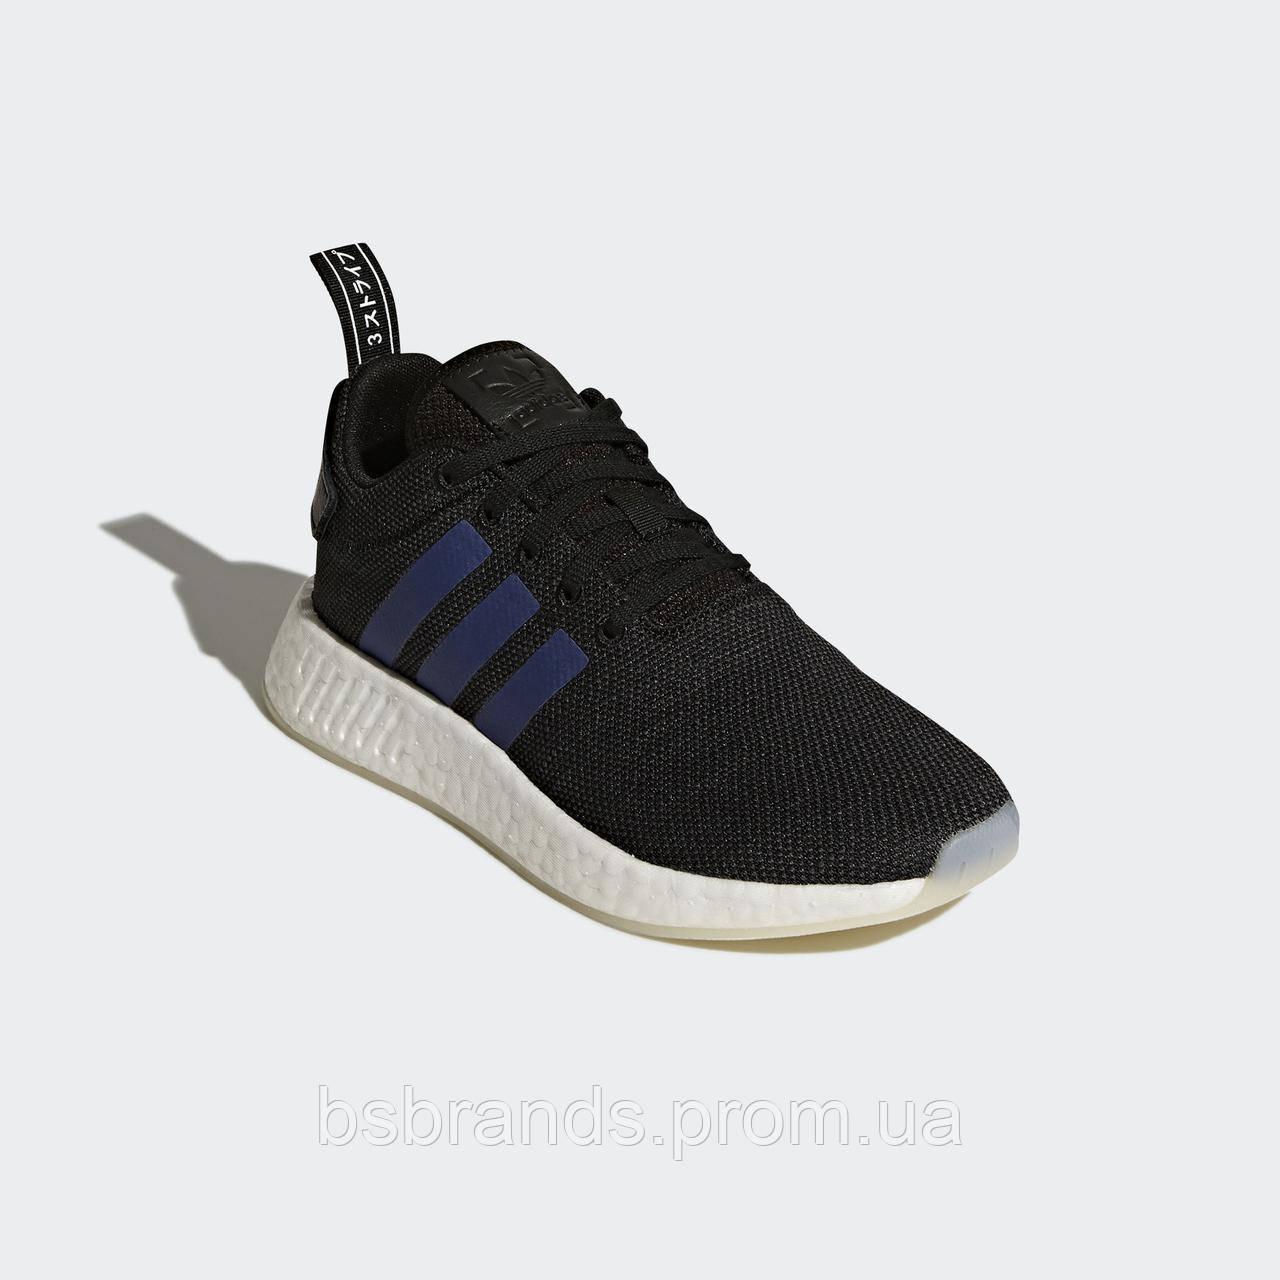 Жіночі кросівки Adidas Originals NMD R2 (Артикул:CQ2008)